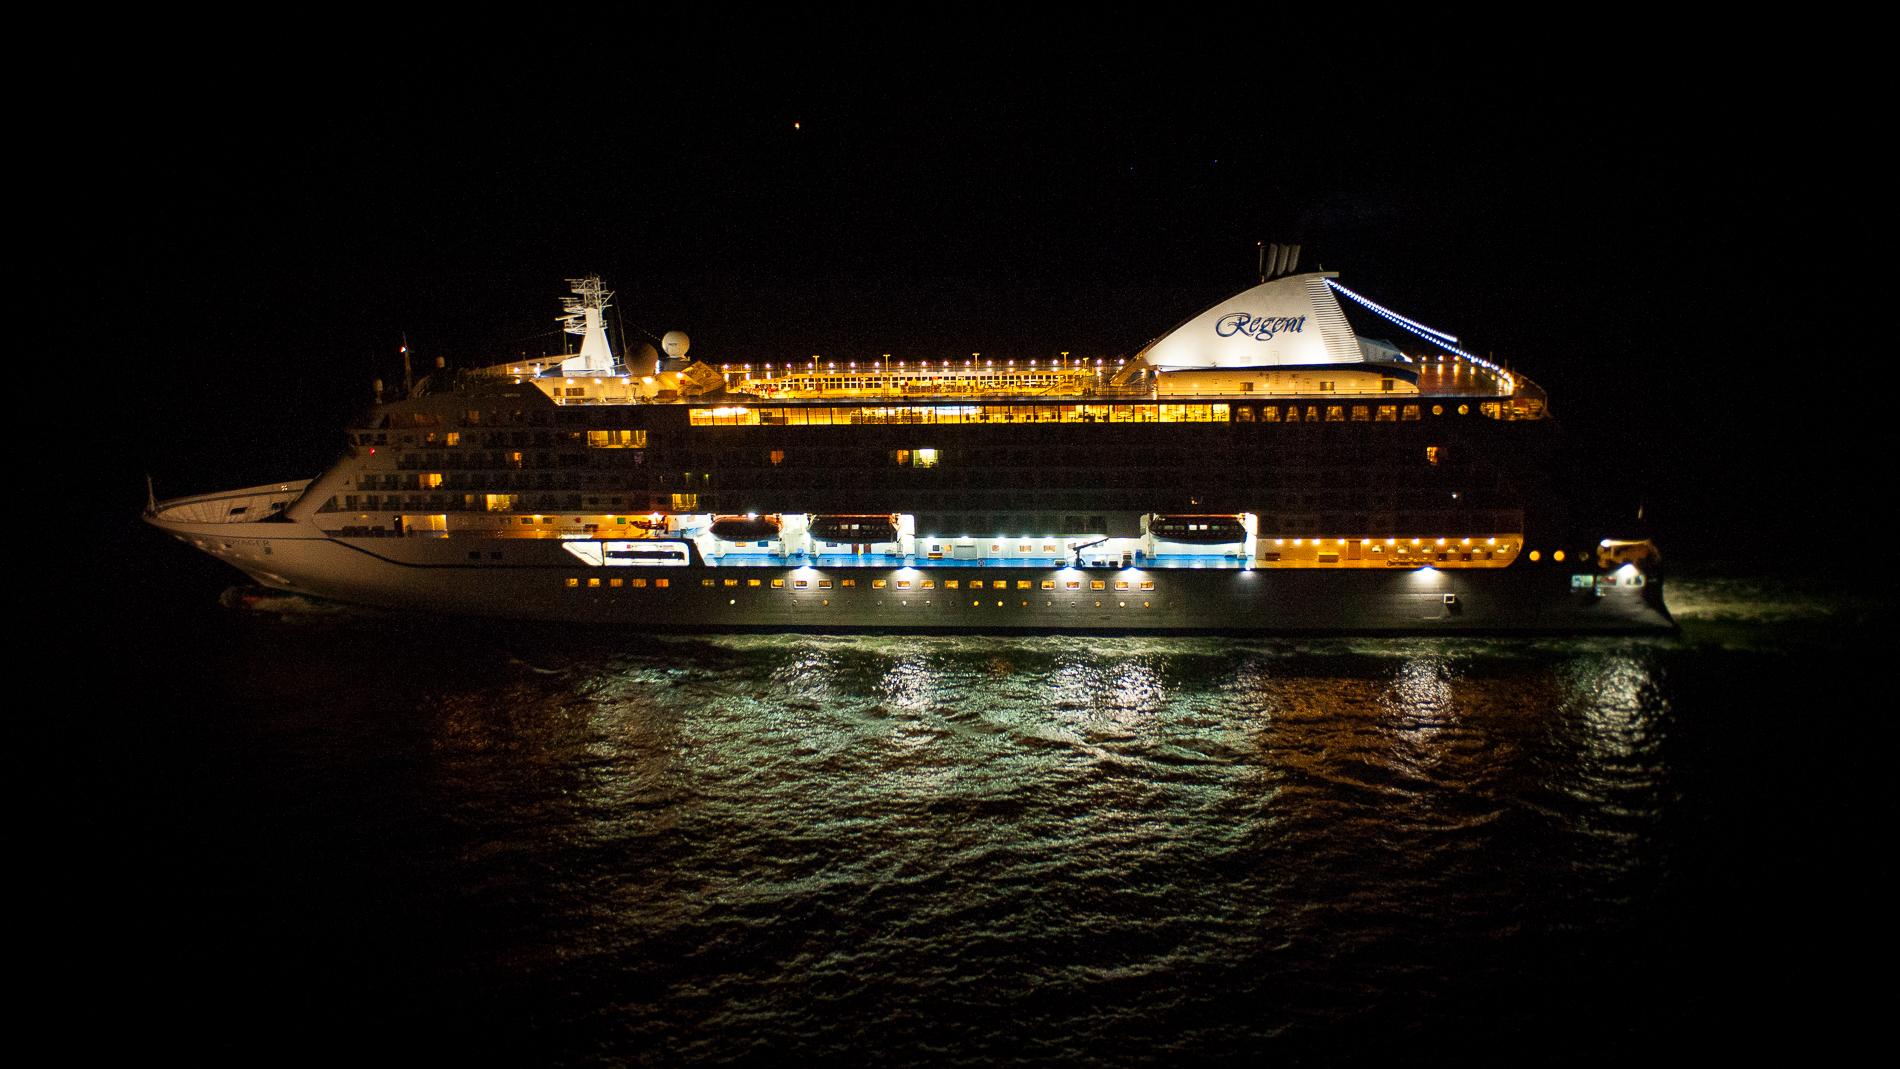 Le Seven Seas Voyager se trouvait à 12 nautiques (environ 22 km) du port du Havre (Photo Sébastien Richard)